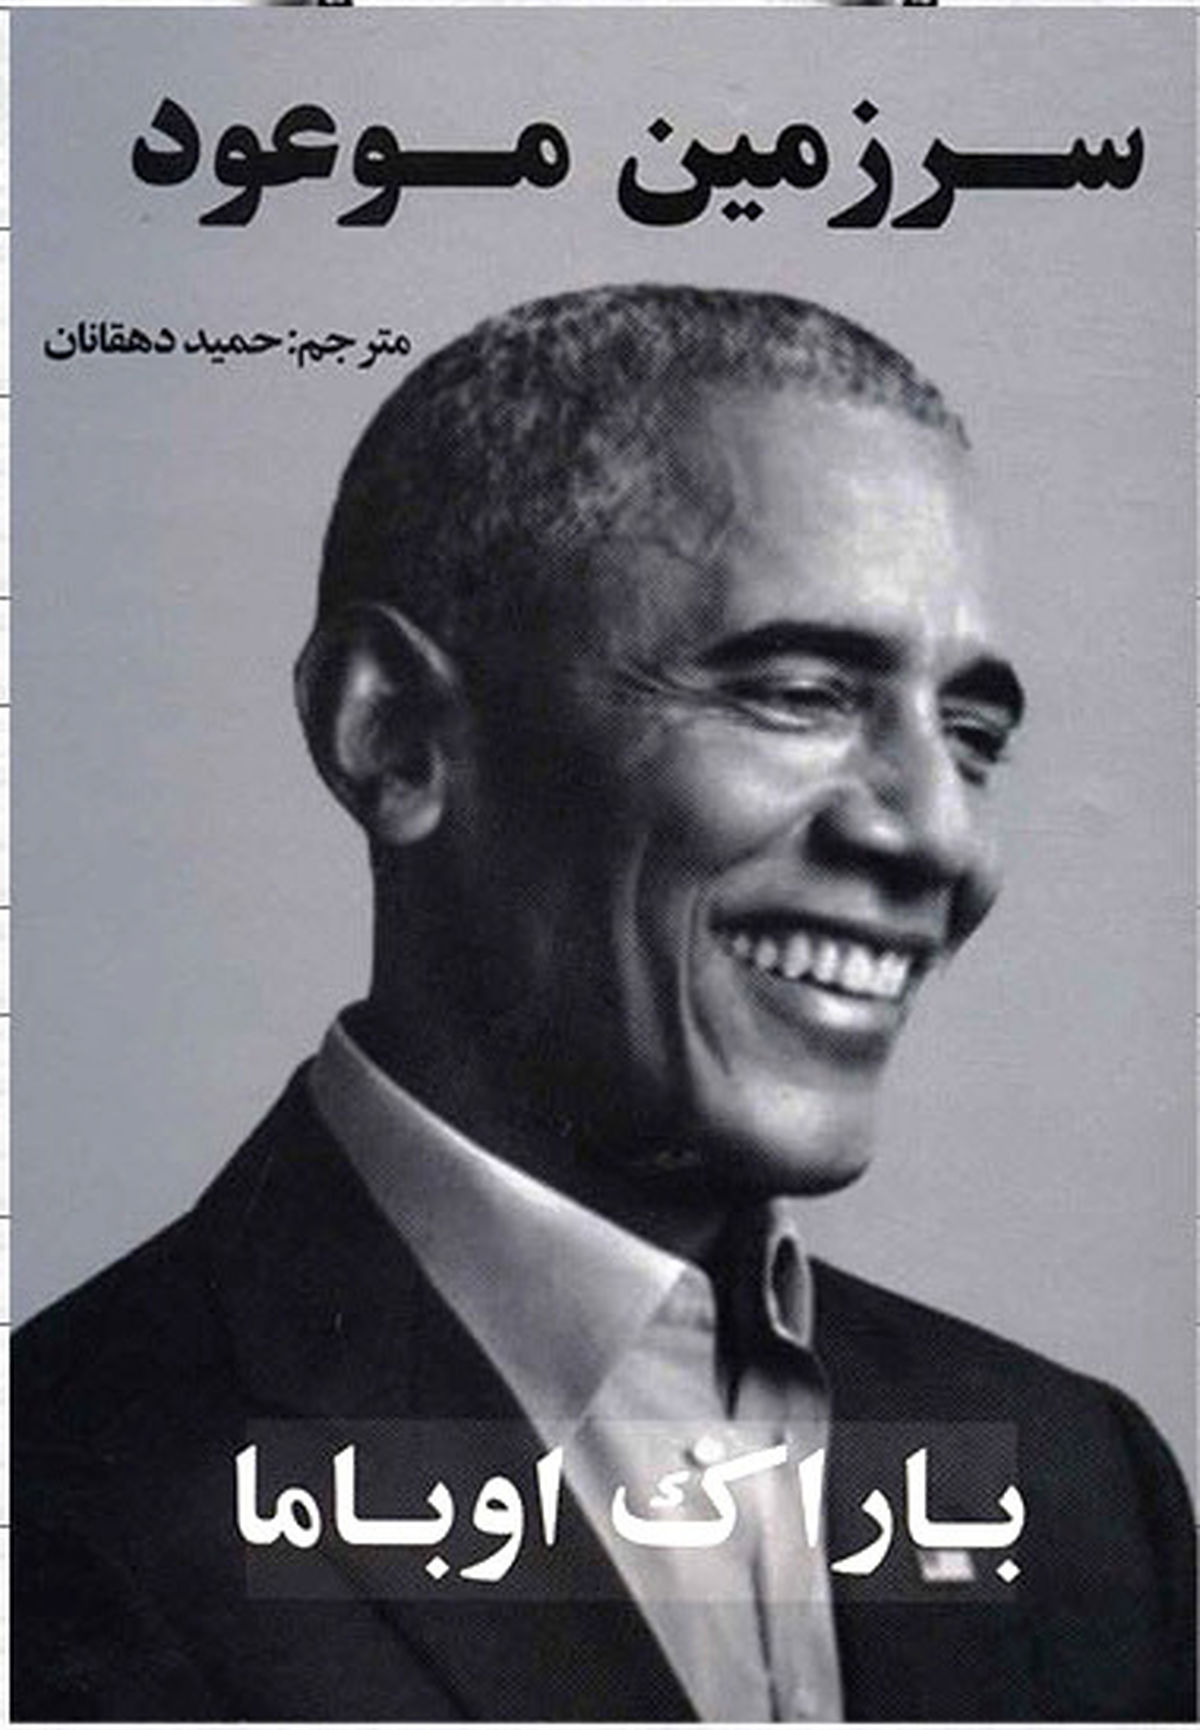 کتاب سرزمین موعود اوباما با ترجمه ای جدید وارد بازار شد